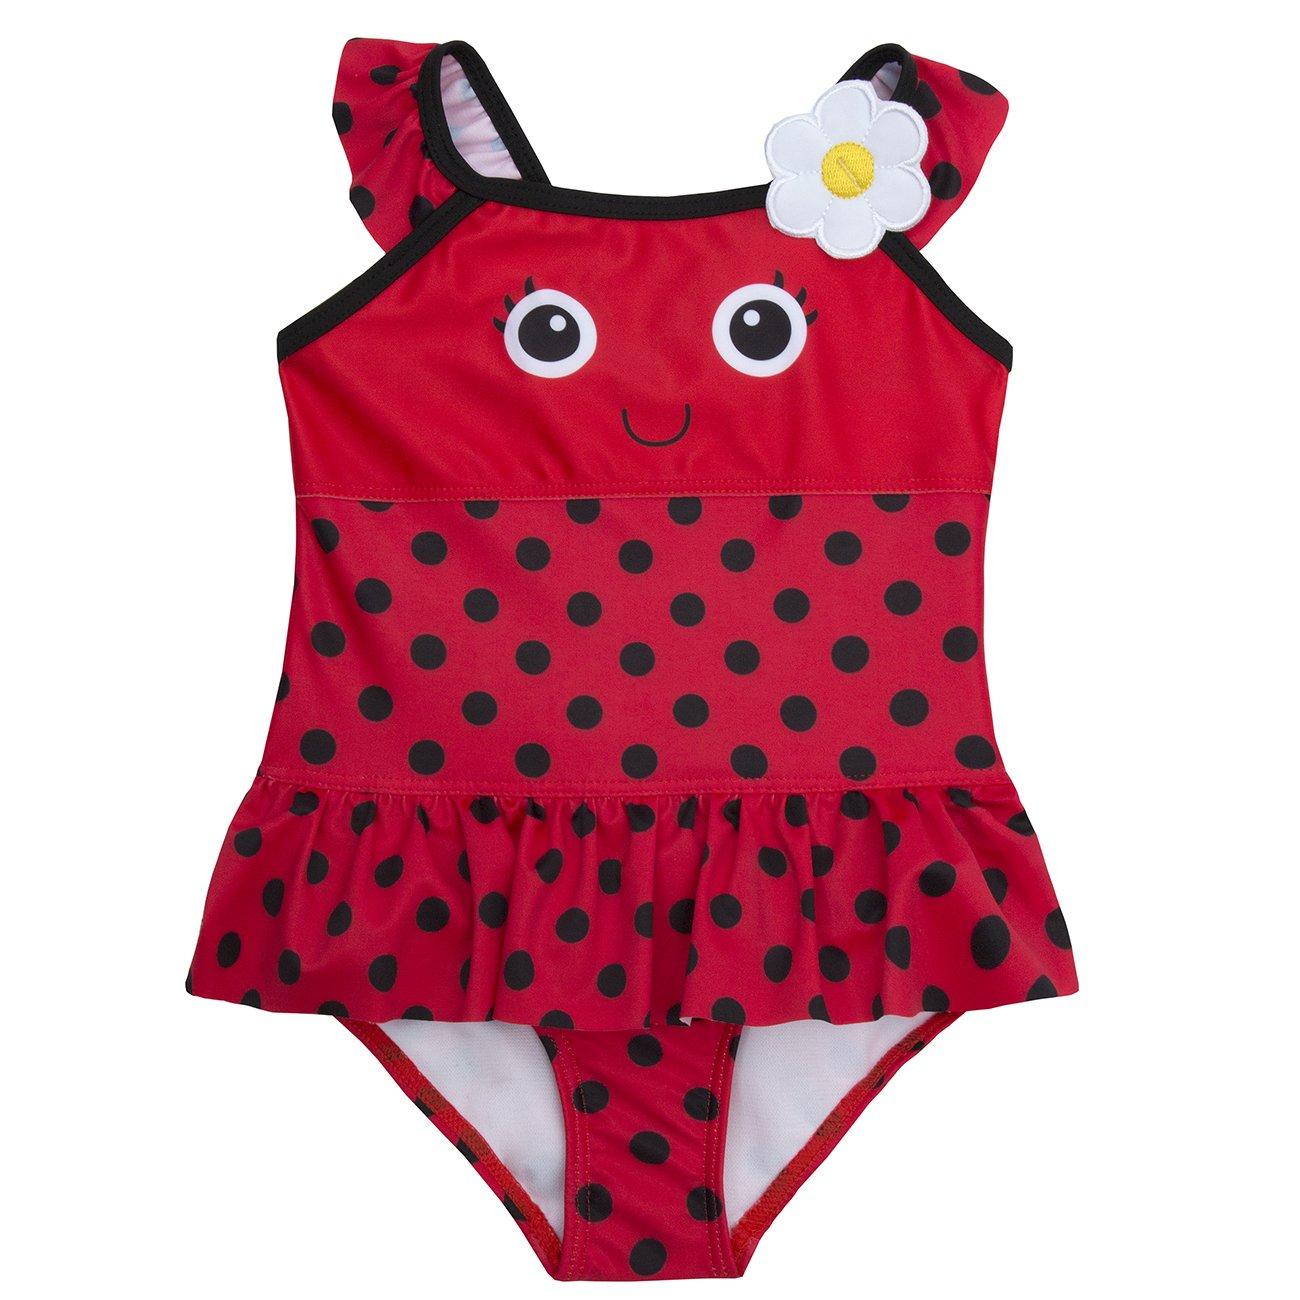 BABY TOWN Babytown Baby Girls Novelty Swimming Costume